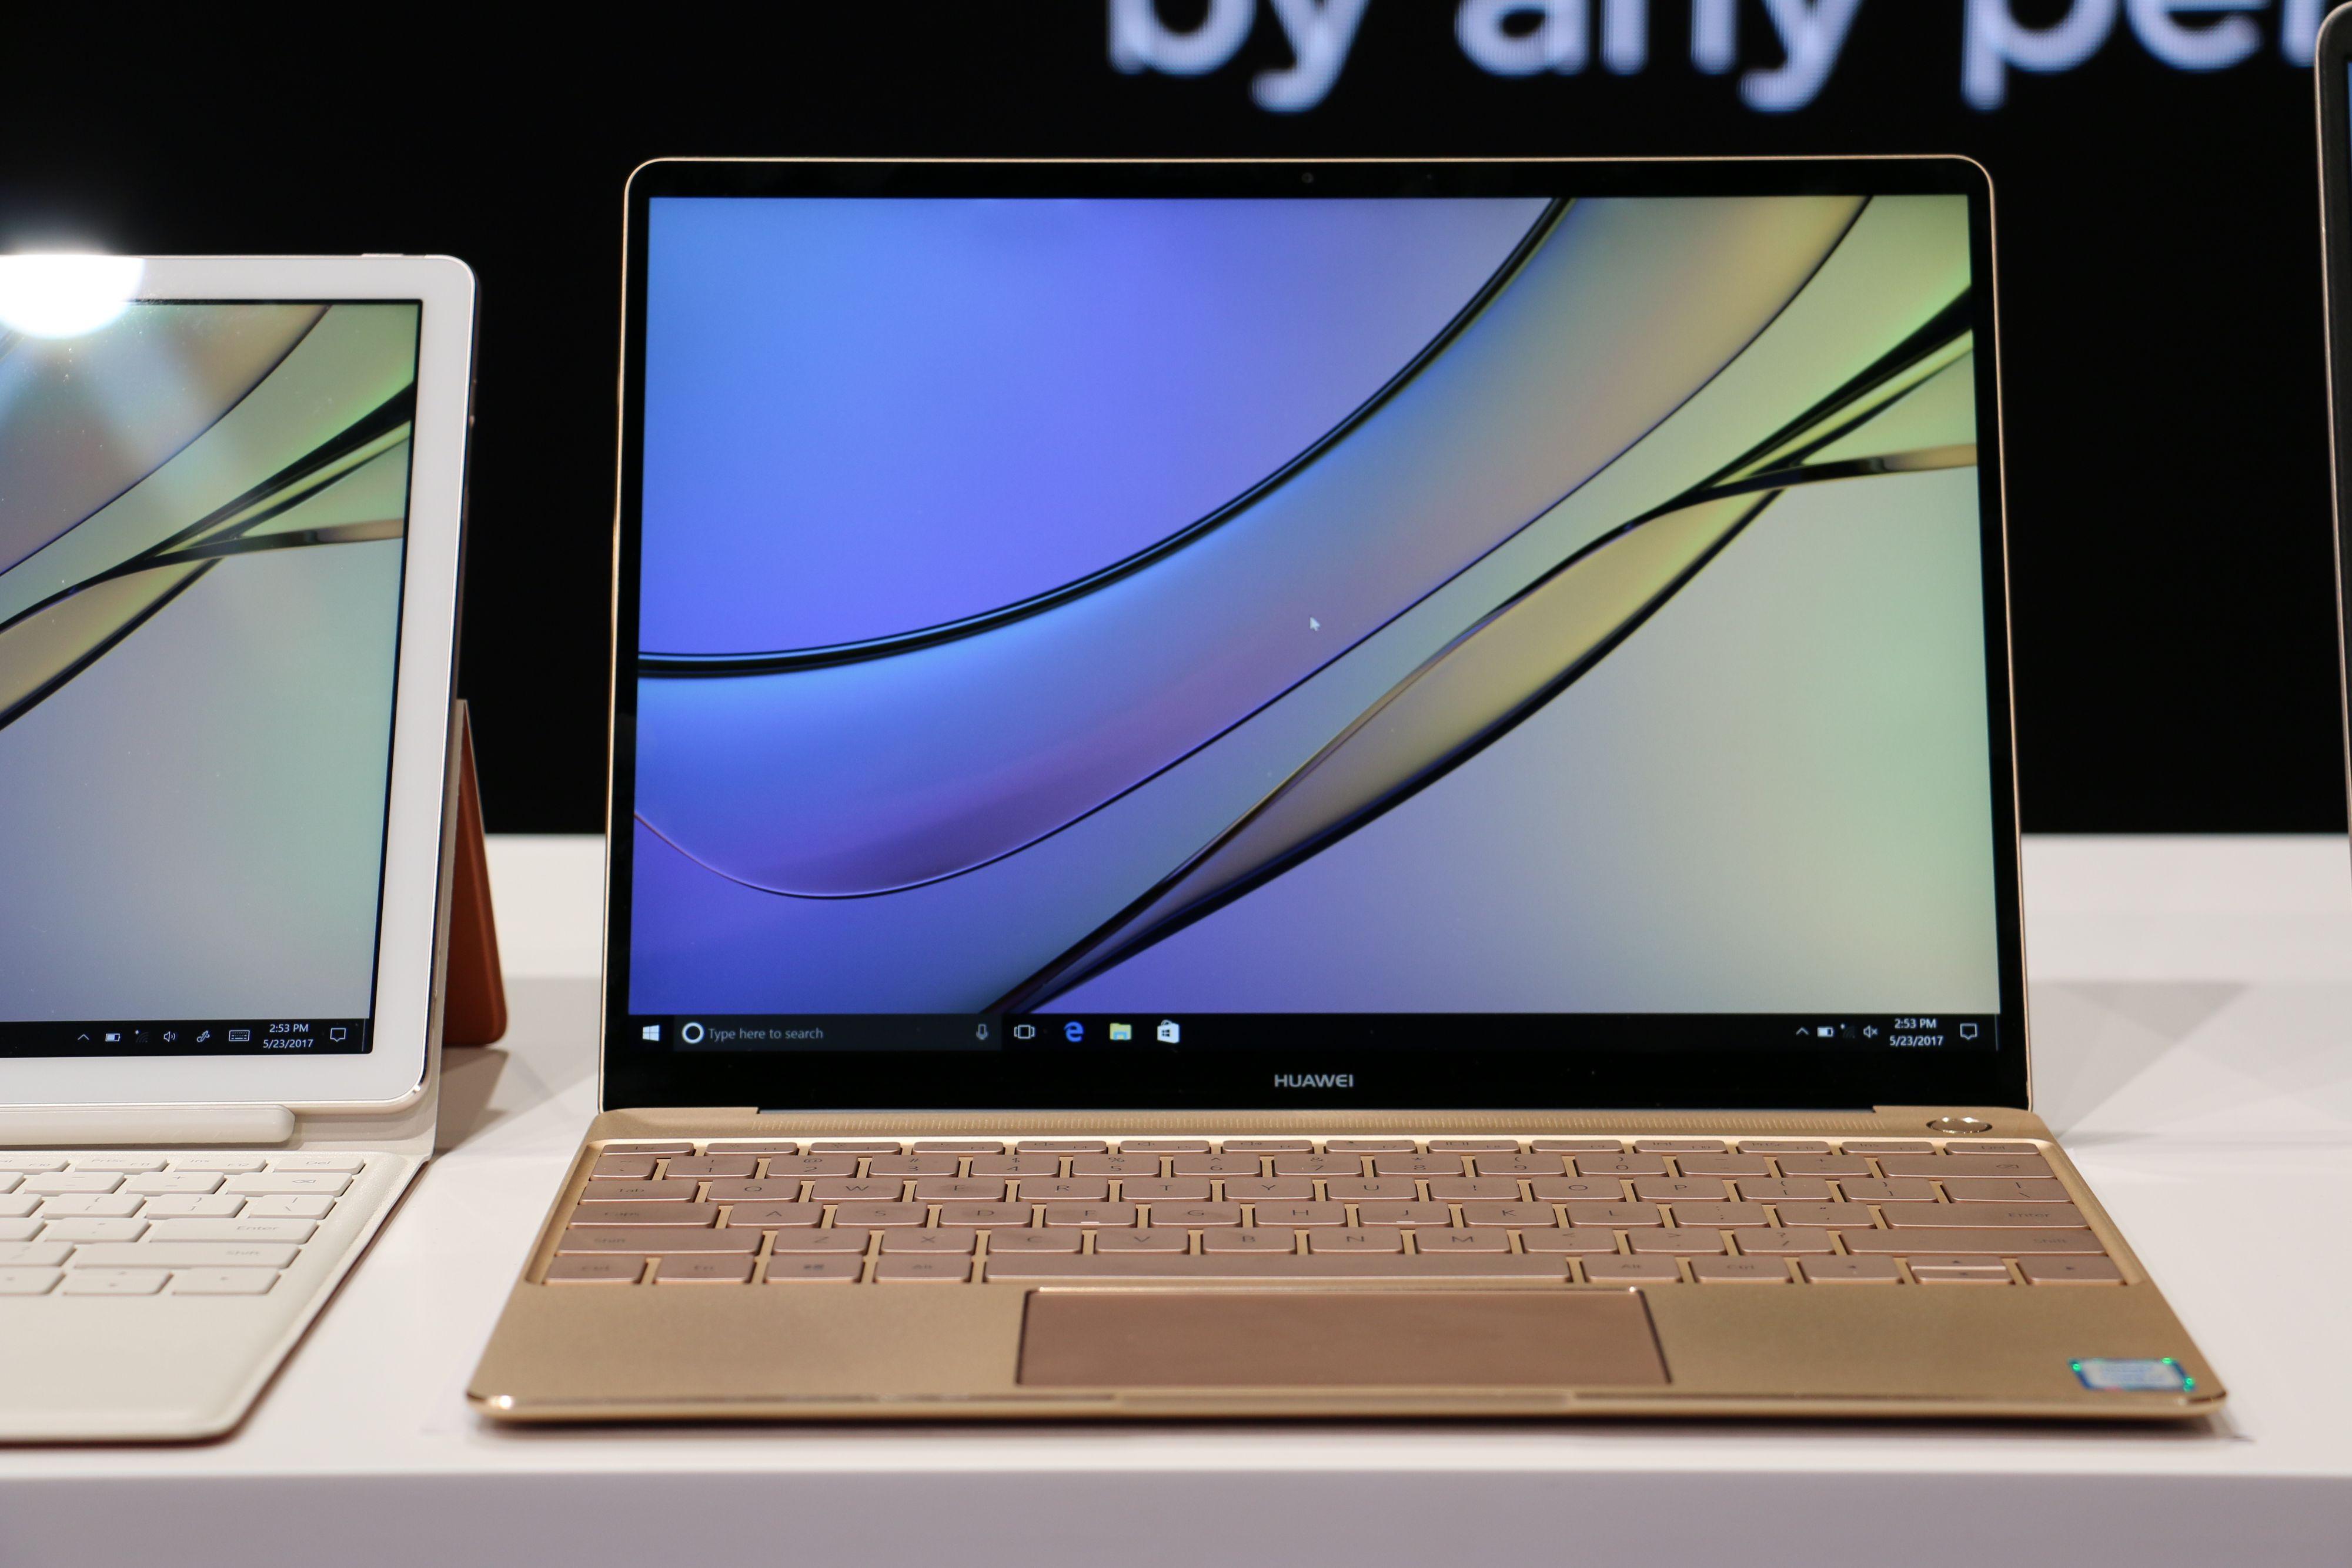 MateBook X er en riktig så lekker liten krabat. På innsiden skjuler det seg en i5-7200U-prosessor, og ingen vifte.